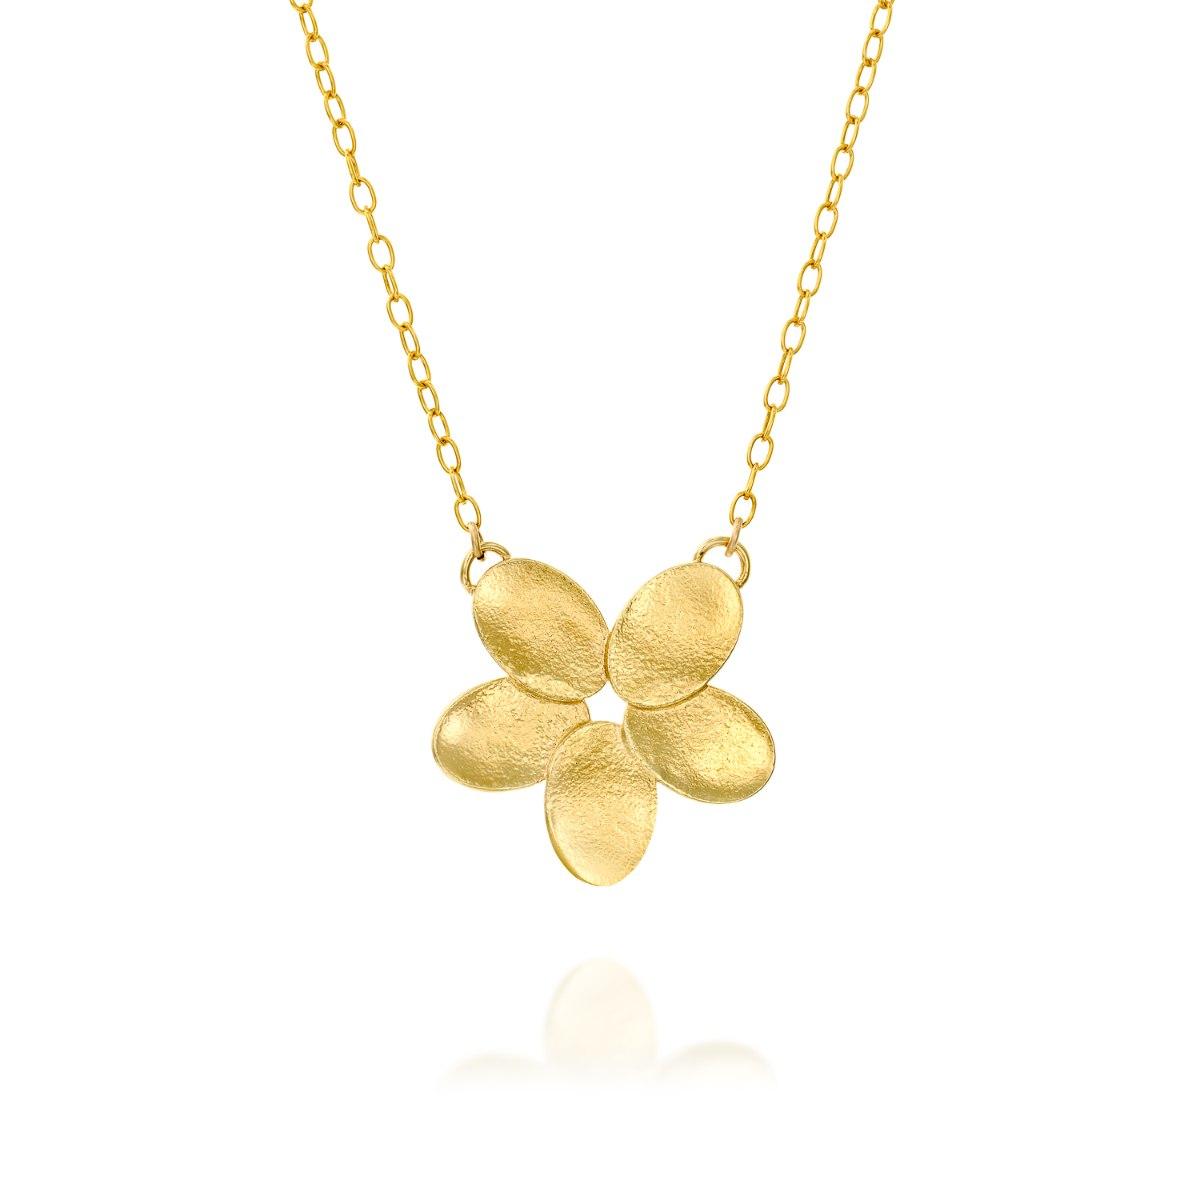 שרשרת גולדפילד תליון פרח גדול מצופה זהב נועה טריפ noa tripp